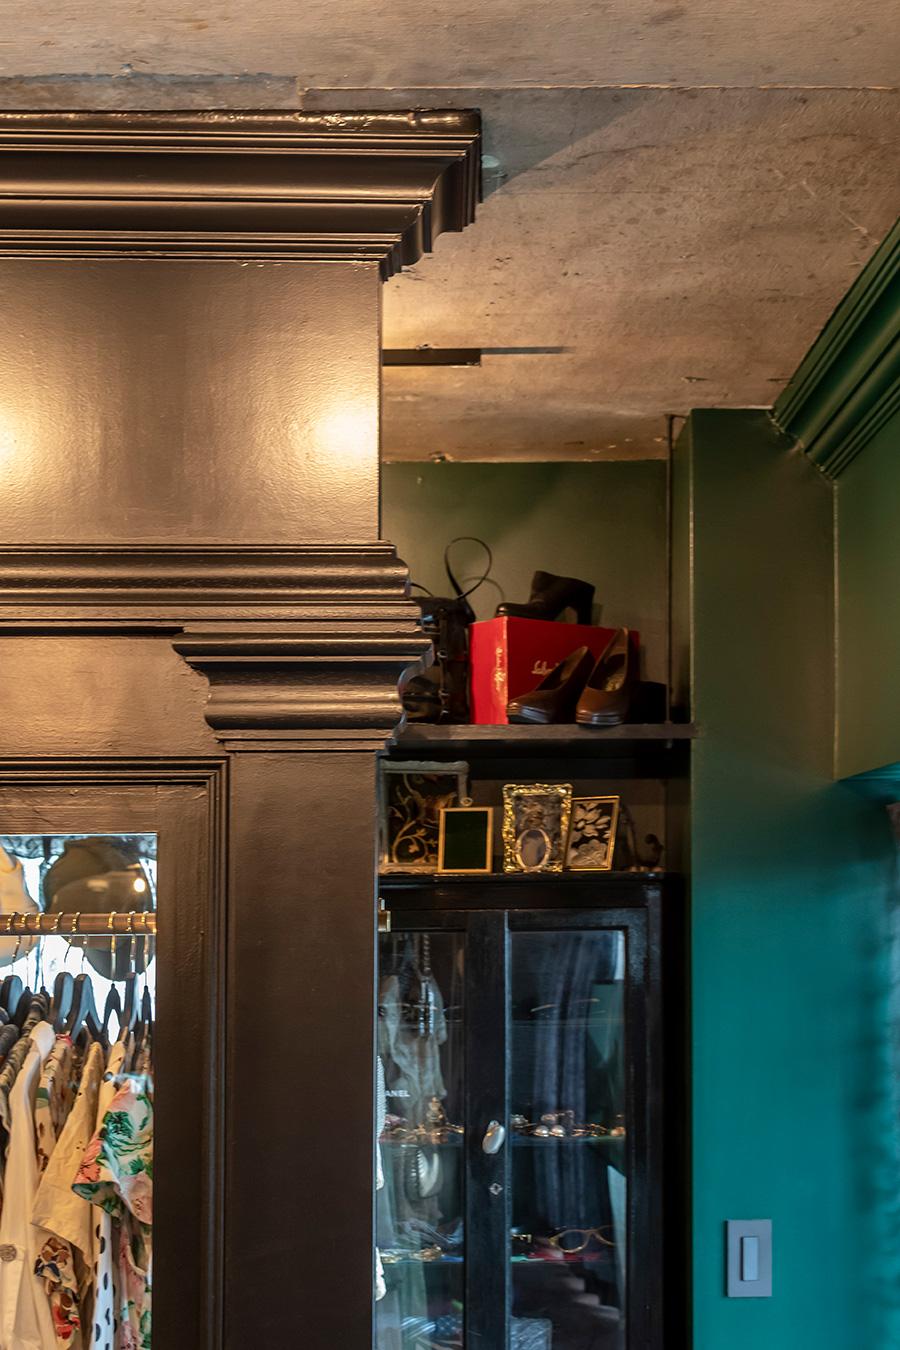 天井や間仕切りをモールディングで装飾。